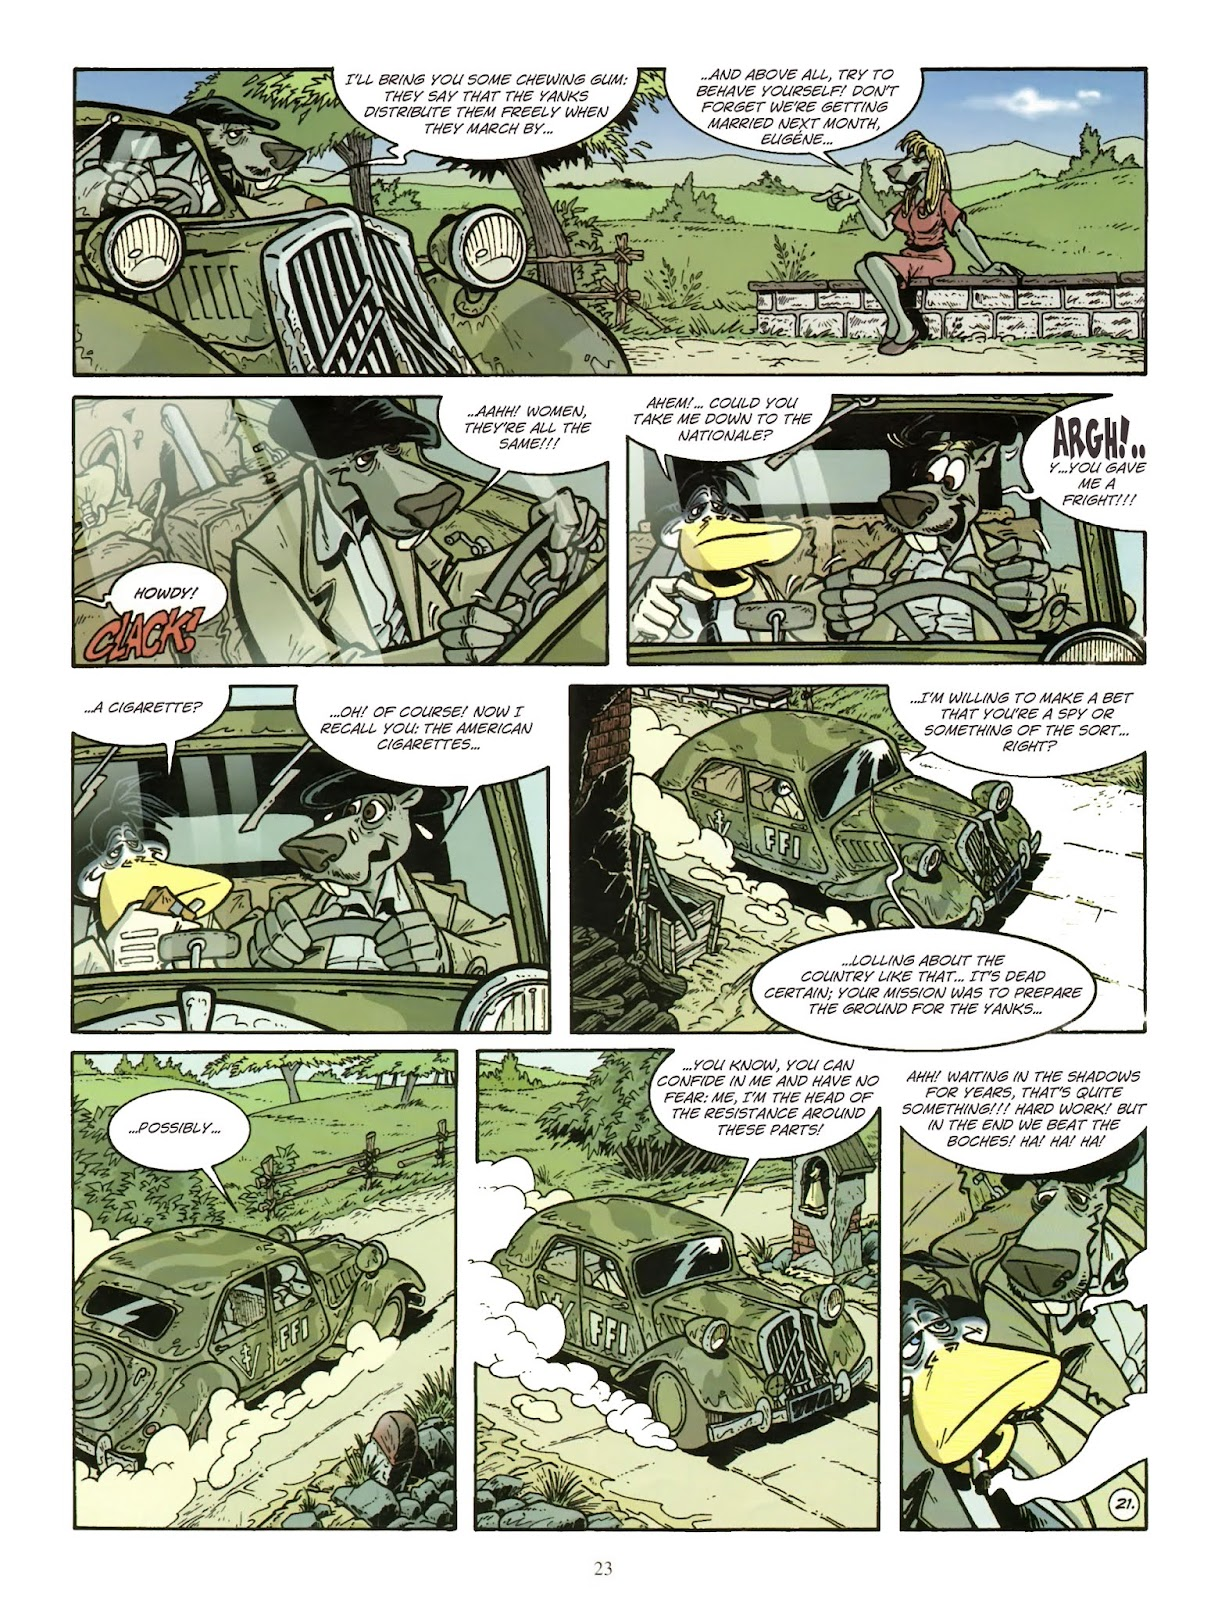 Une enquête de l'inspecteur Canardo issue 11 - Page 24